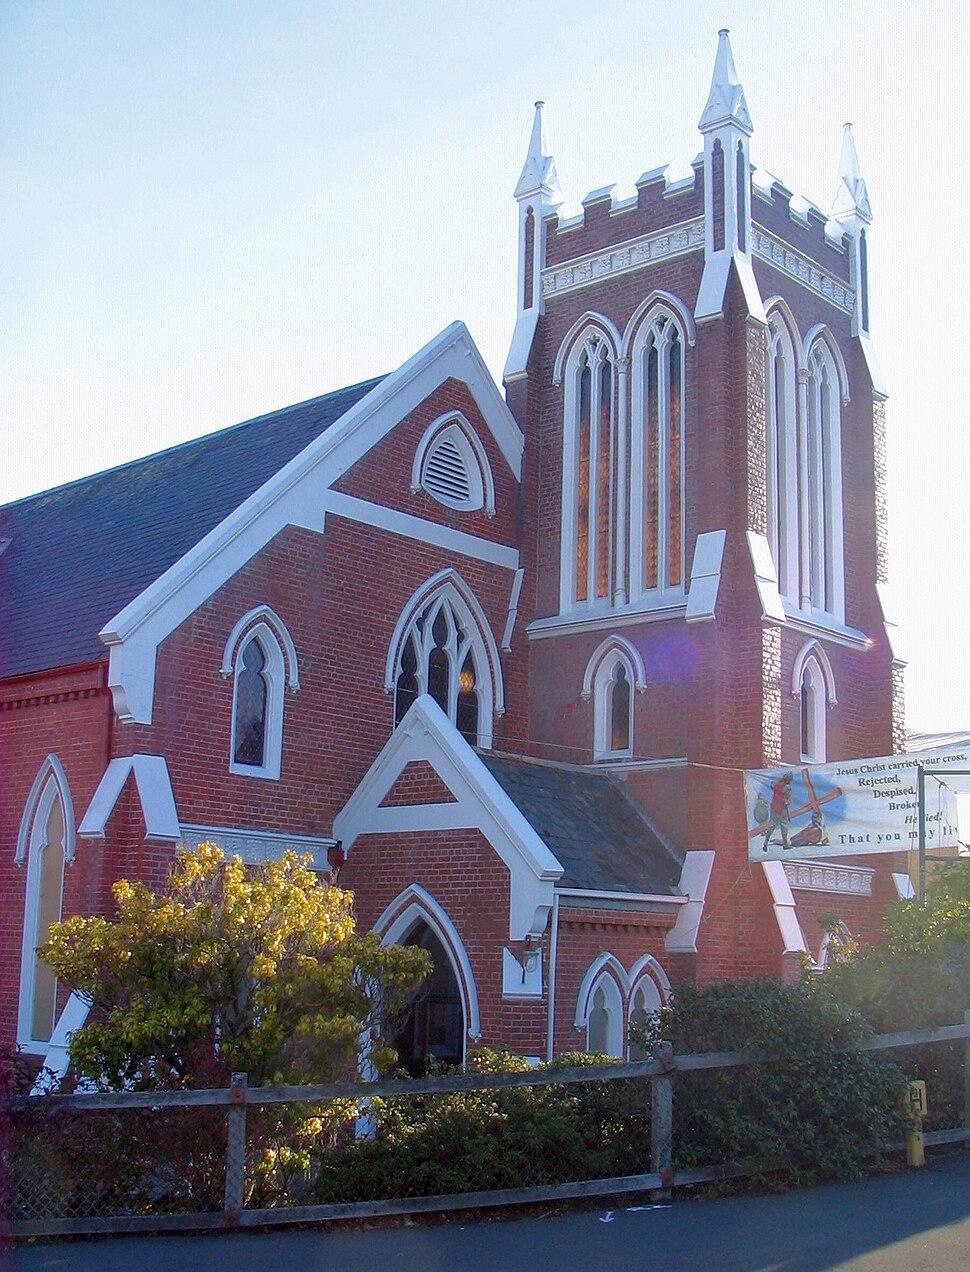 Kaikorai Presbyterian Church Dunedin New Zealand